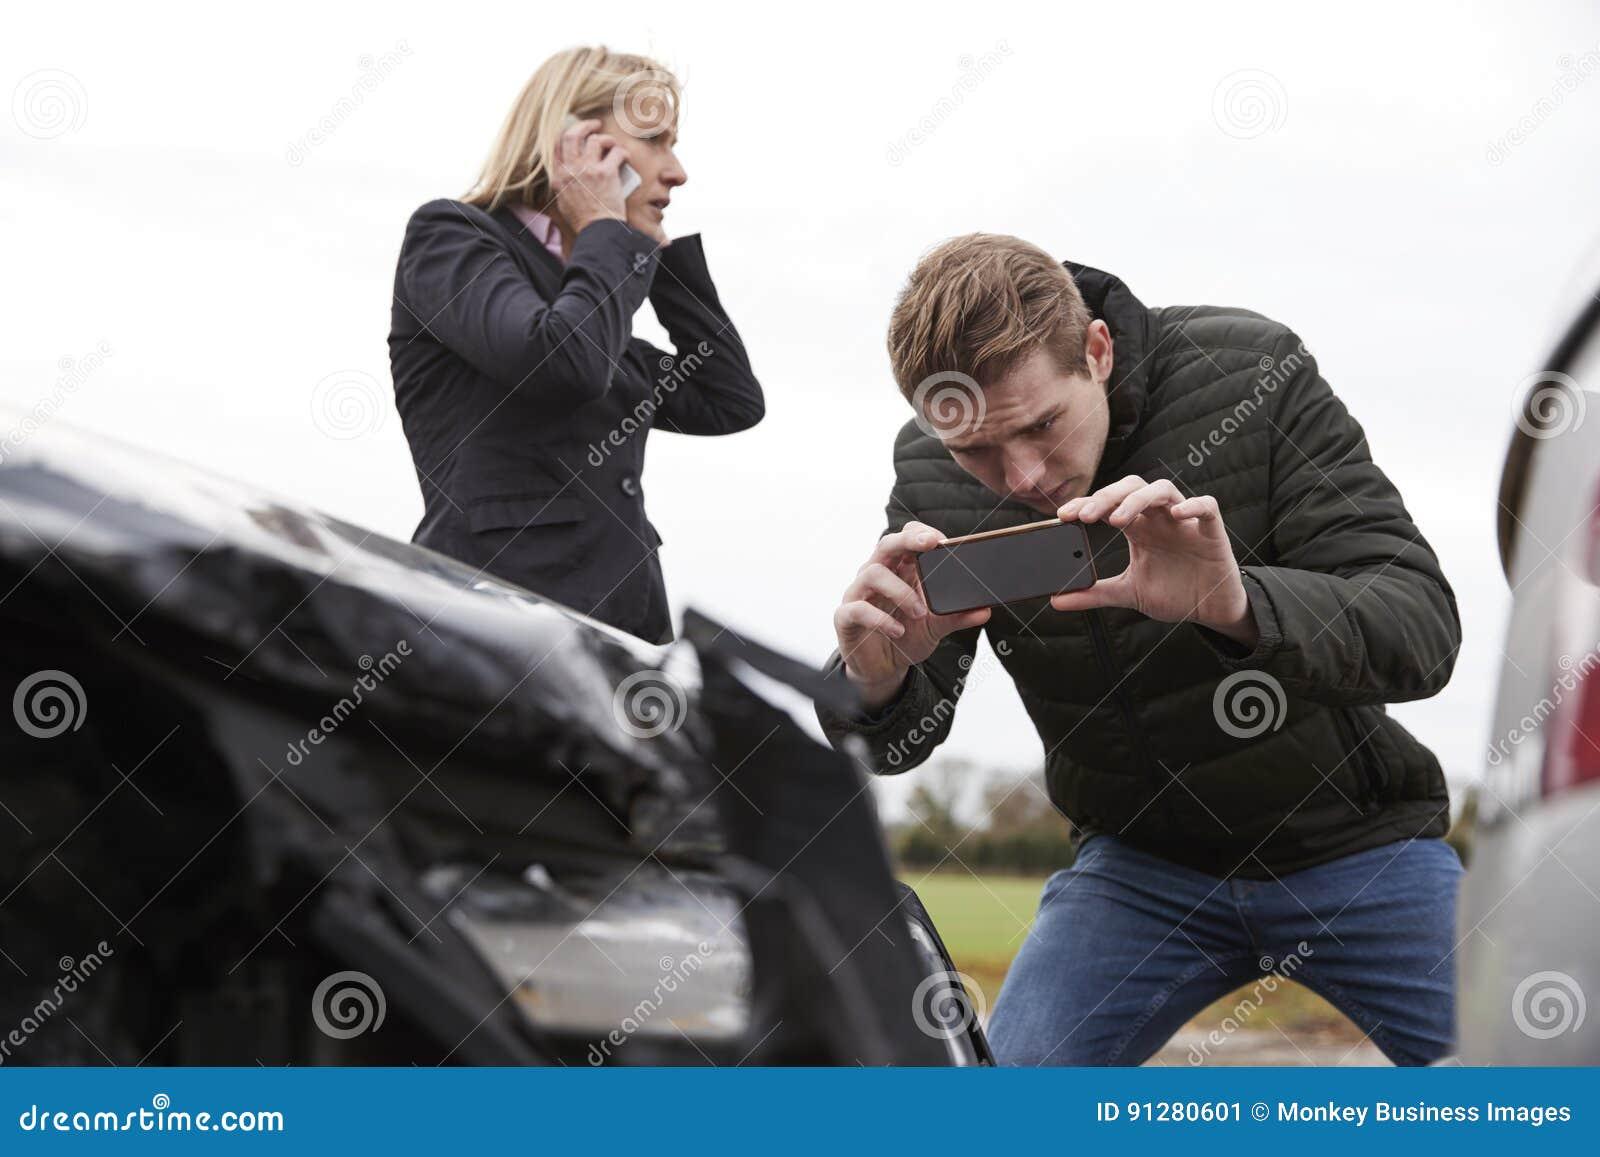 Kierowcy Bierze fotografię wypadek samochodowy Na telefonach komórkowych